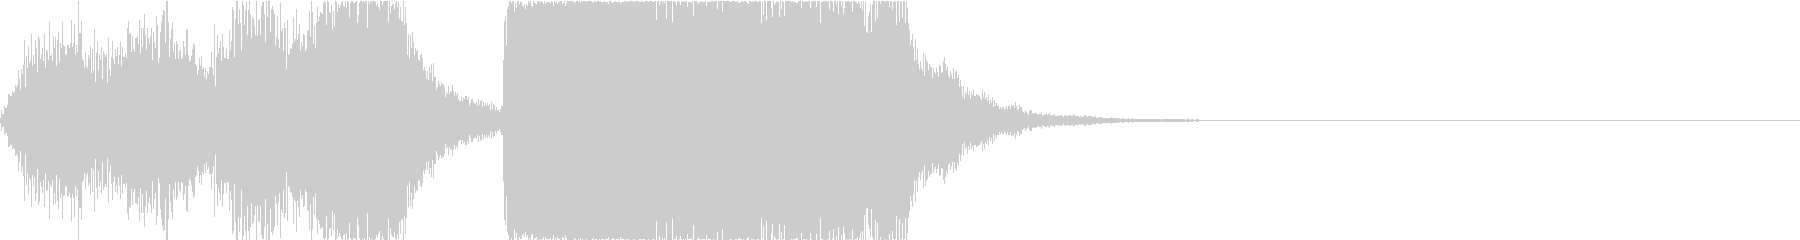 ゲーム向け破滅的なオーケストラジングルの未再生の波形